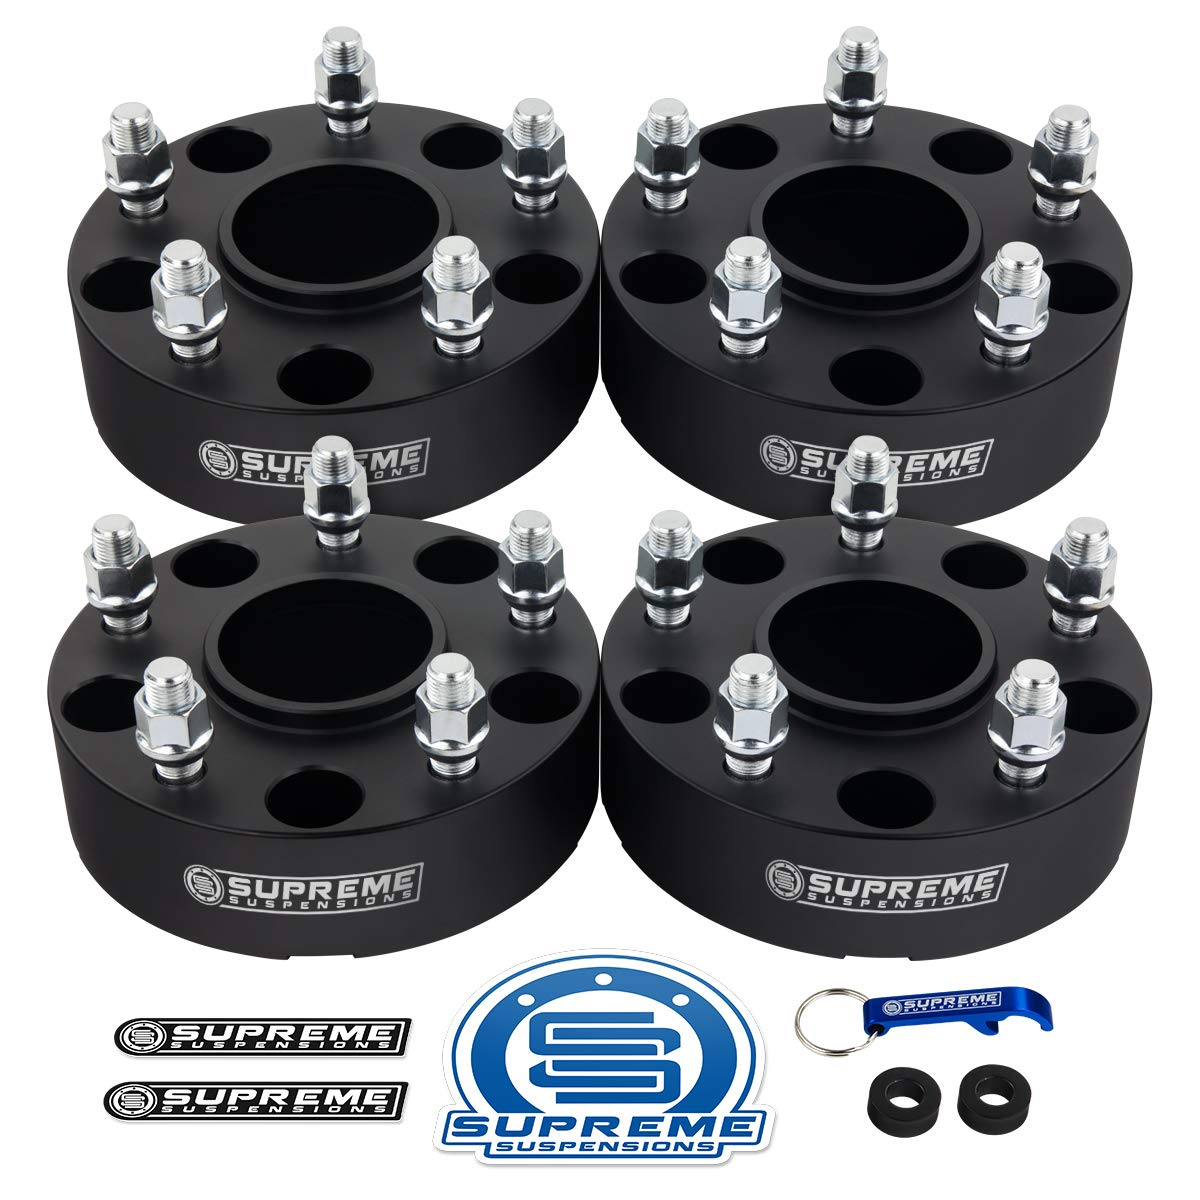 """Supreme Suspensions - 4pc 1.5"""" Hub Centric Wheel Spacers for 2002-2011 Dodge Ram 1500 2WD 4WD 5x5.5 (5x139.7mm) BP with 9/16"""" x18 Studs 77.9mm Center Bore w/Lip [Black]"""